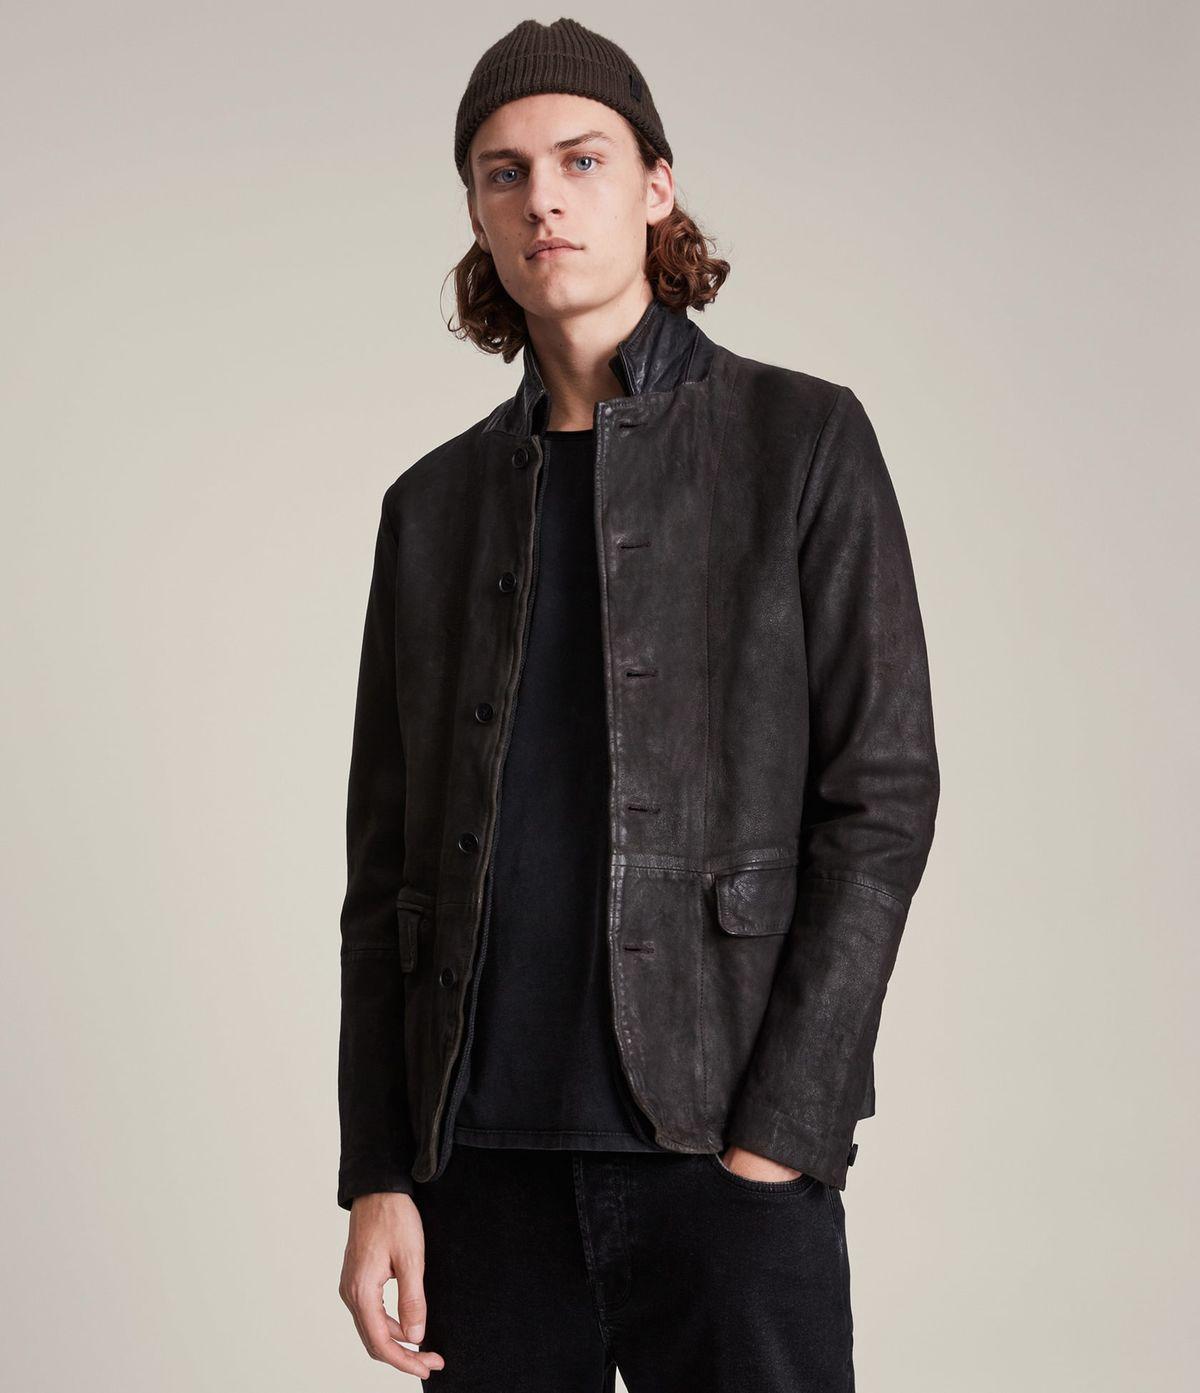 Men's Survey Leather Jacket - Front View